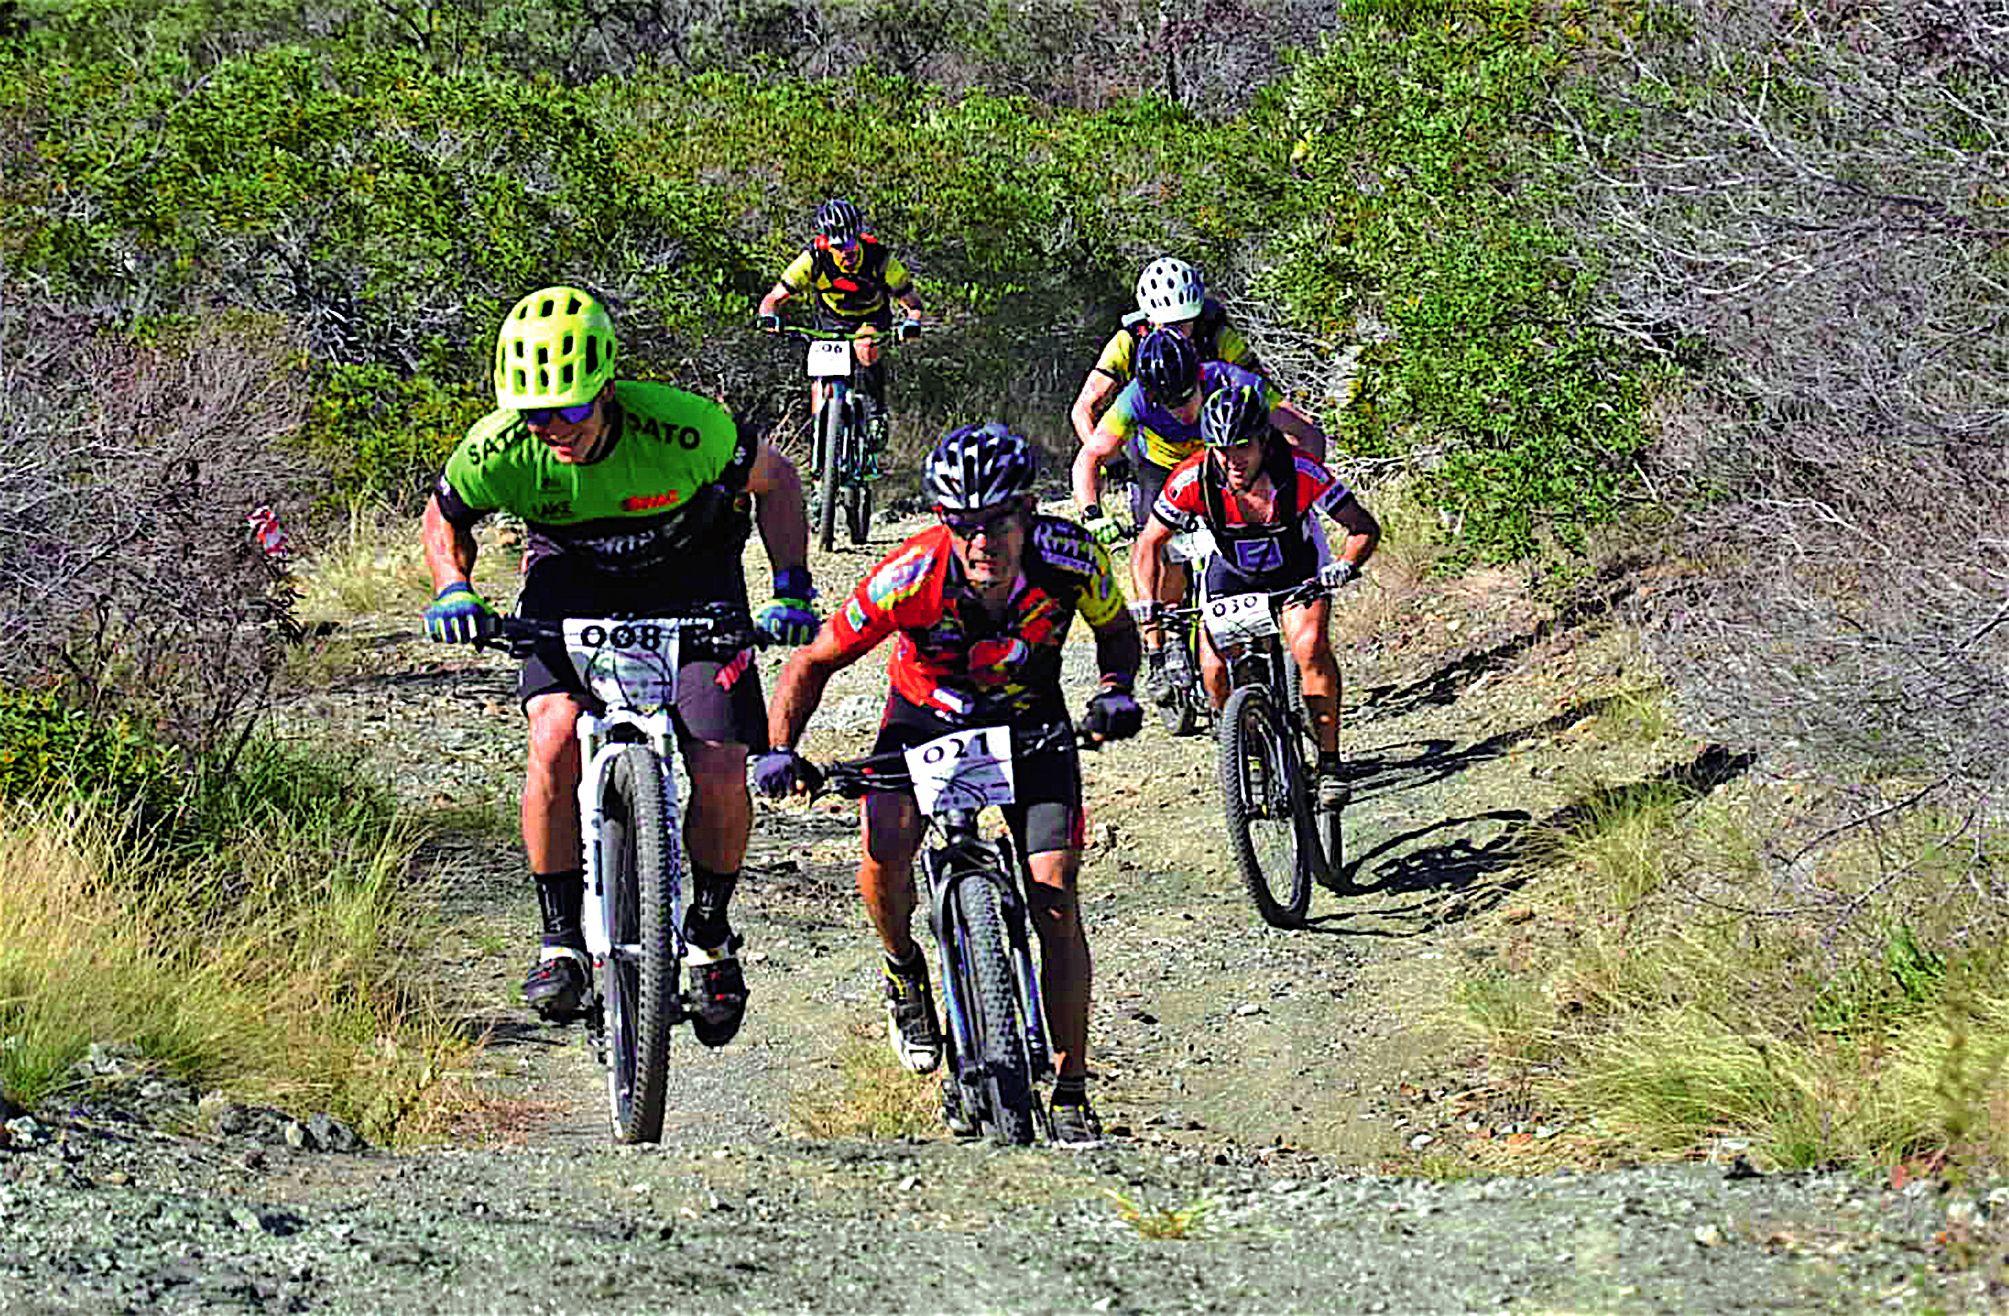 C'est par la volonté conjointe de l'AS l'Enfer du Nord  et du Comité régional de cyclisme qu'une étape de cette  3e édition du X Caledonia a pu être organisée à Koumac jeudi.